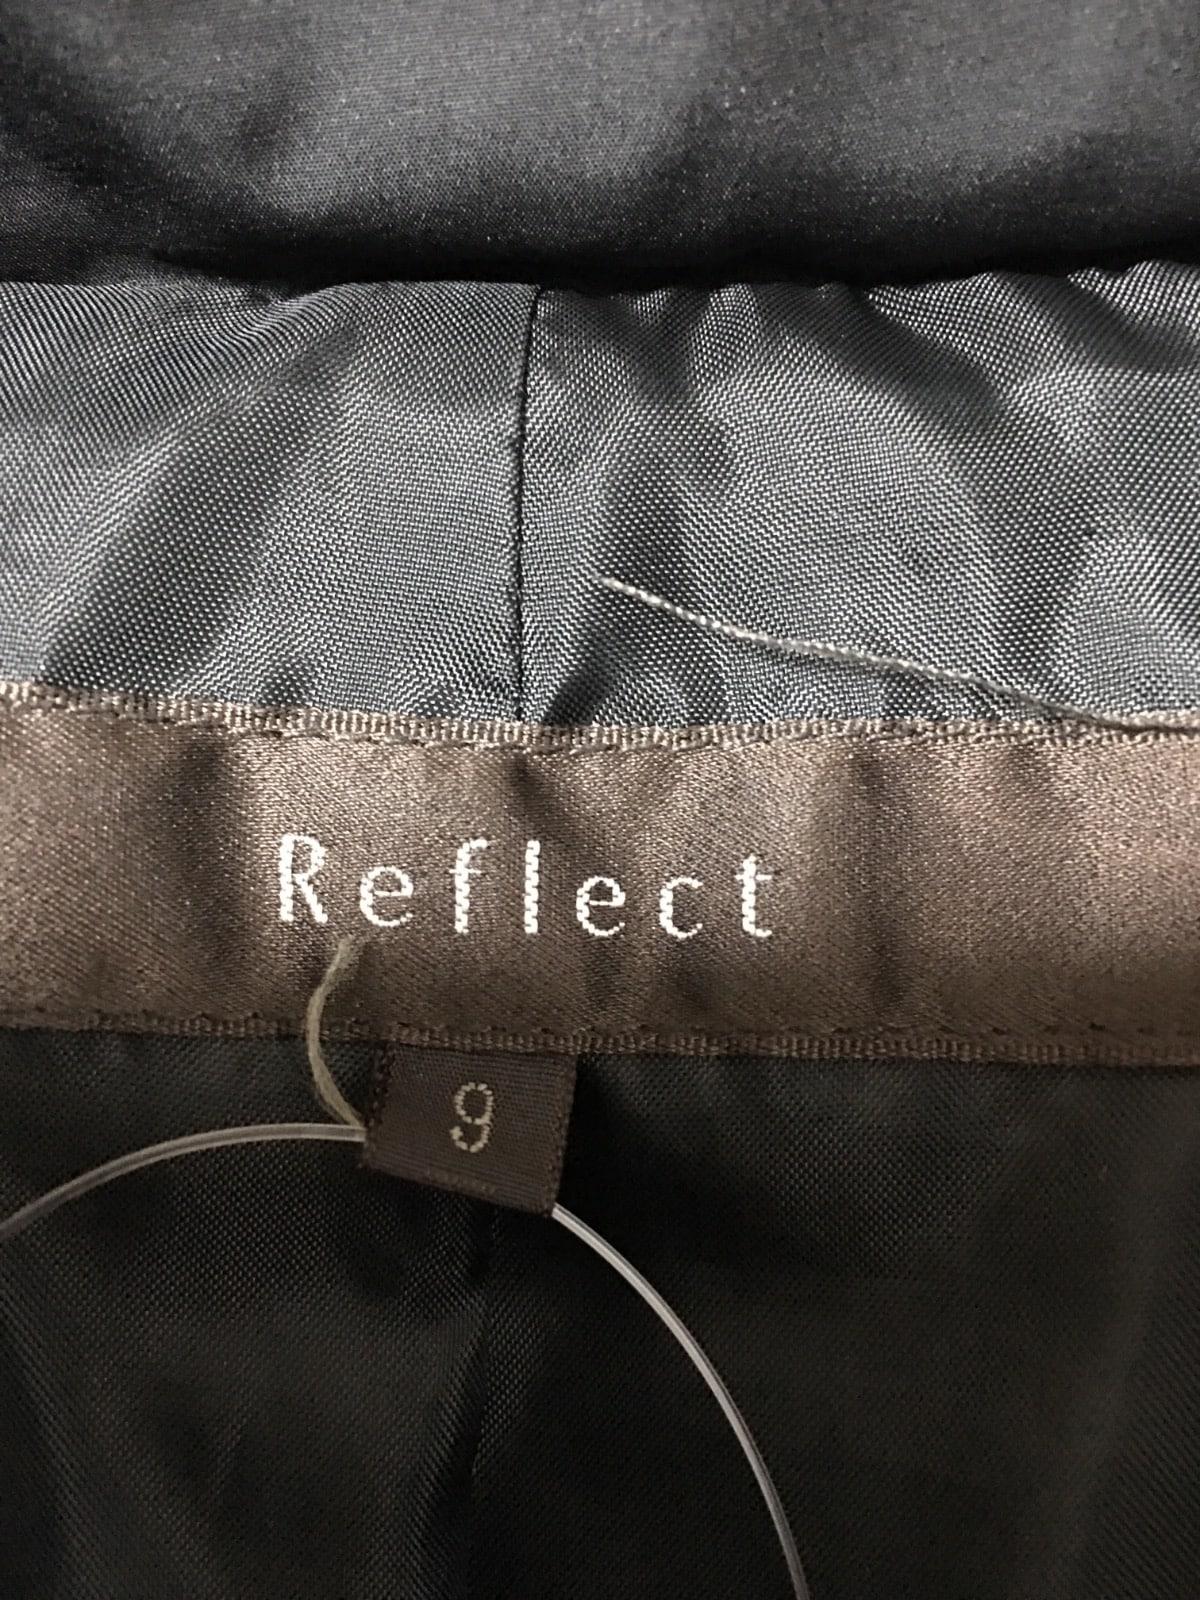 ReFLEcT(リフレクト)のダウンジャケット